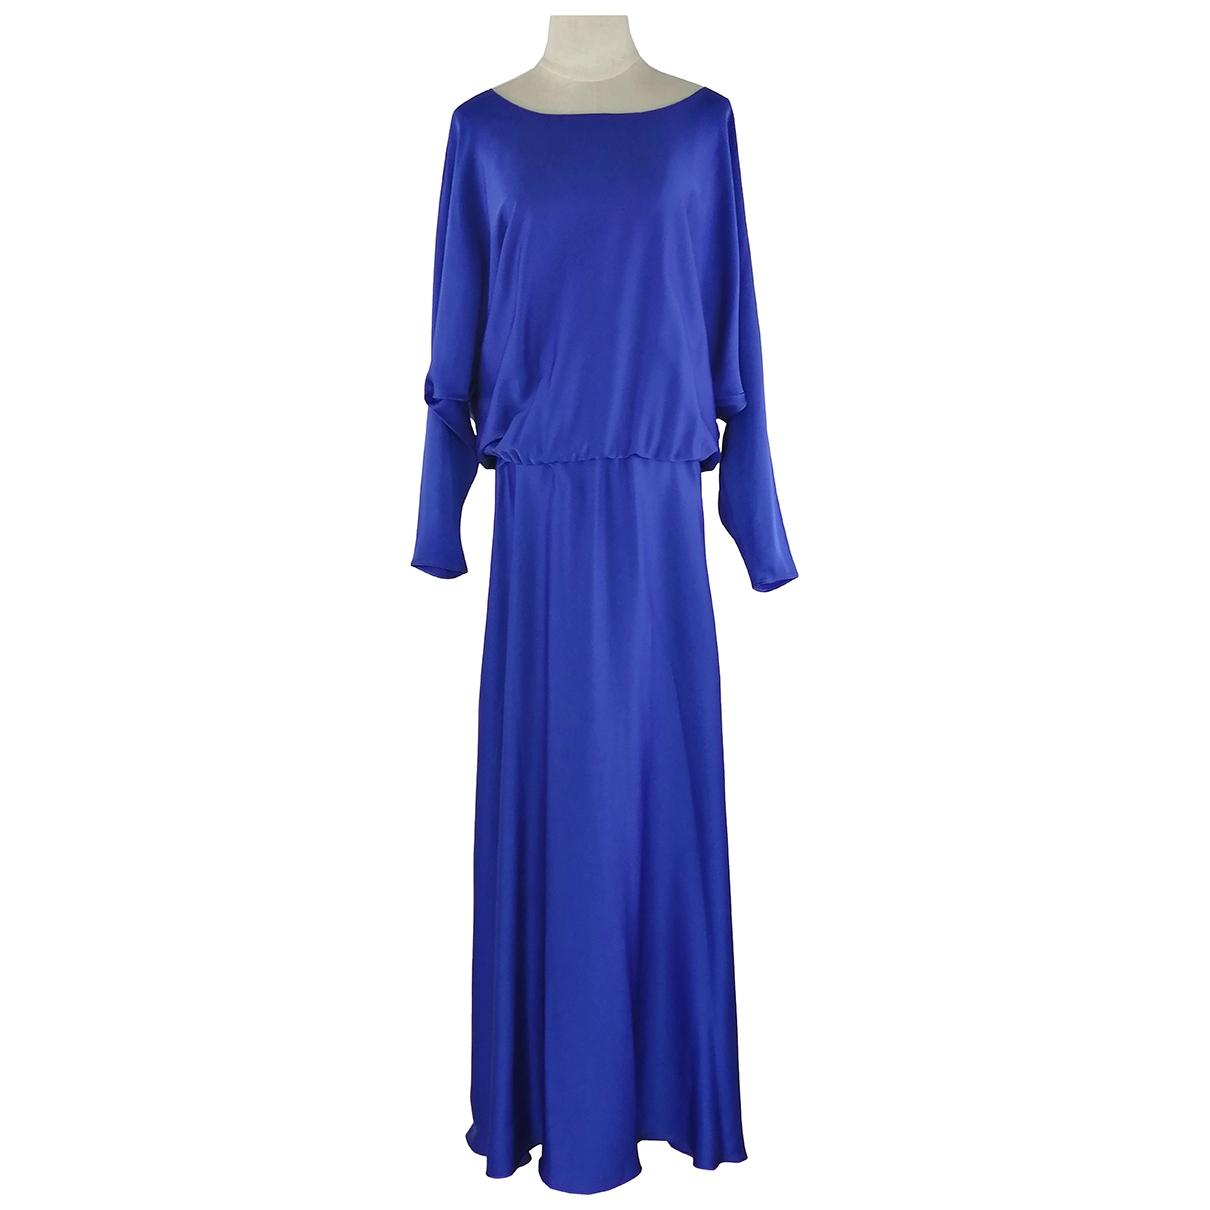 Lanvin \N Kleid in  Blau Viskose